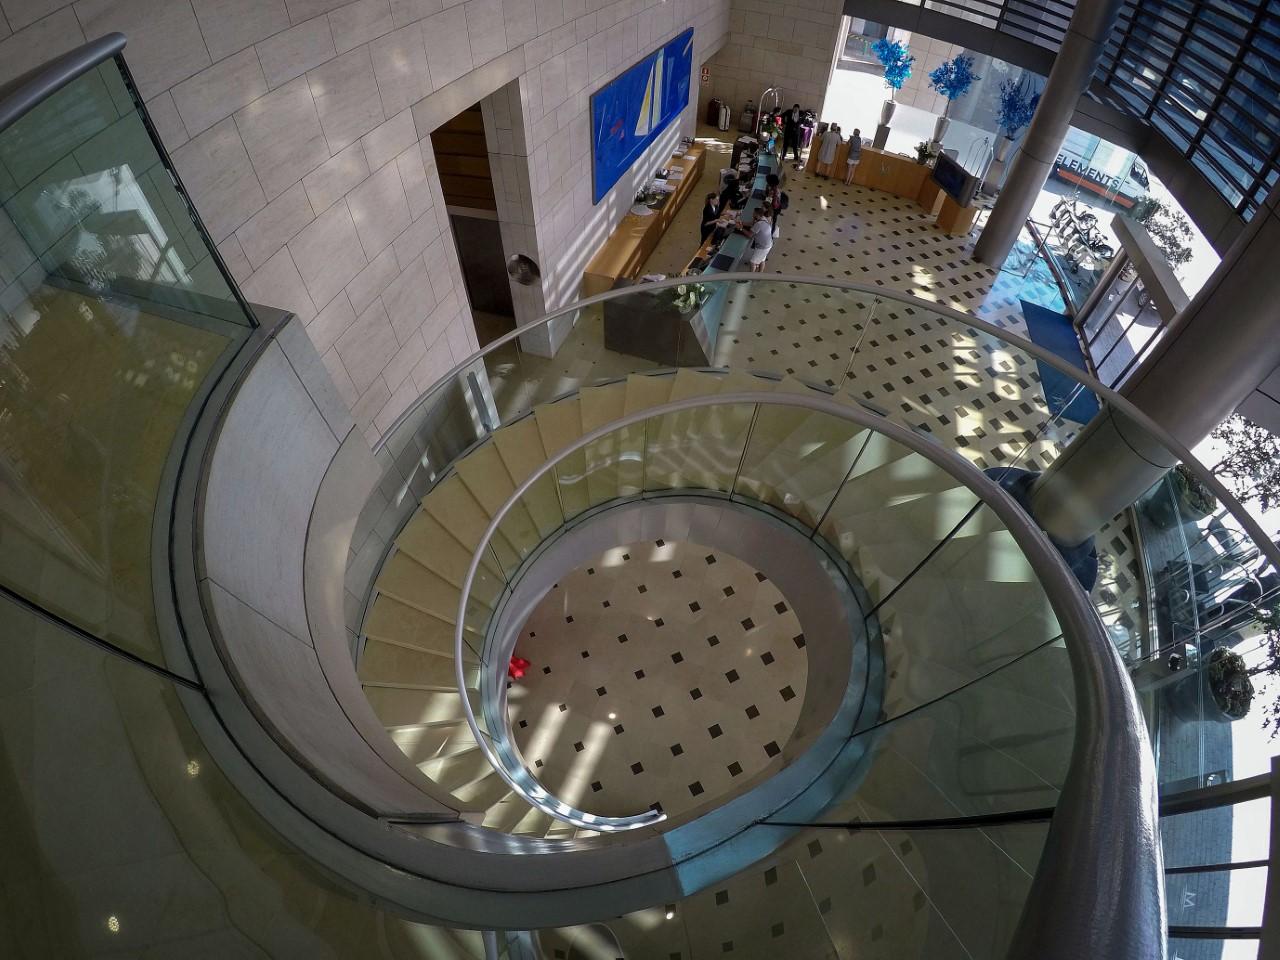 La escalera fue diseñada por el mismo arquitecto de la pirámide del museo Louvre en París